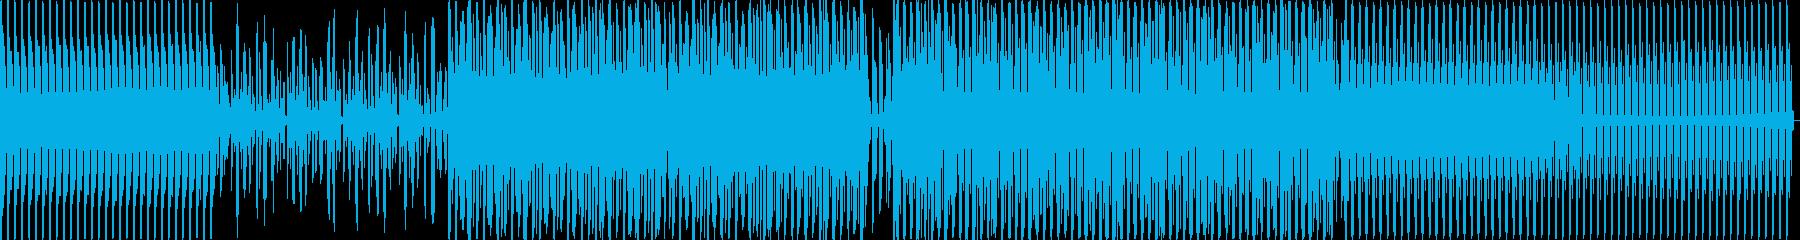 ミニマリストハウス。ベースとグルーヴ。の再生済みの波形